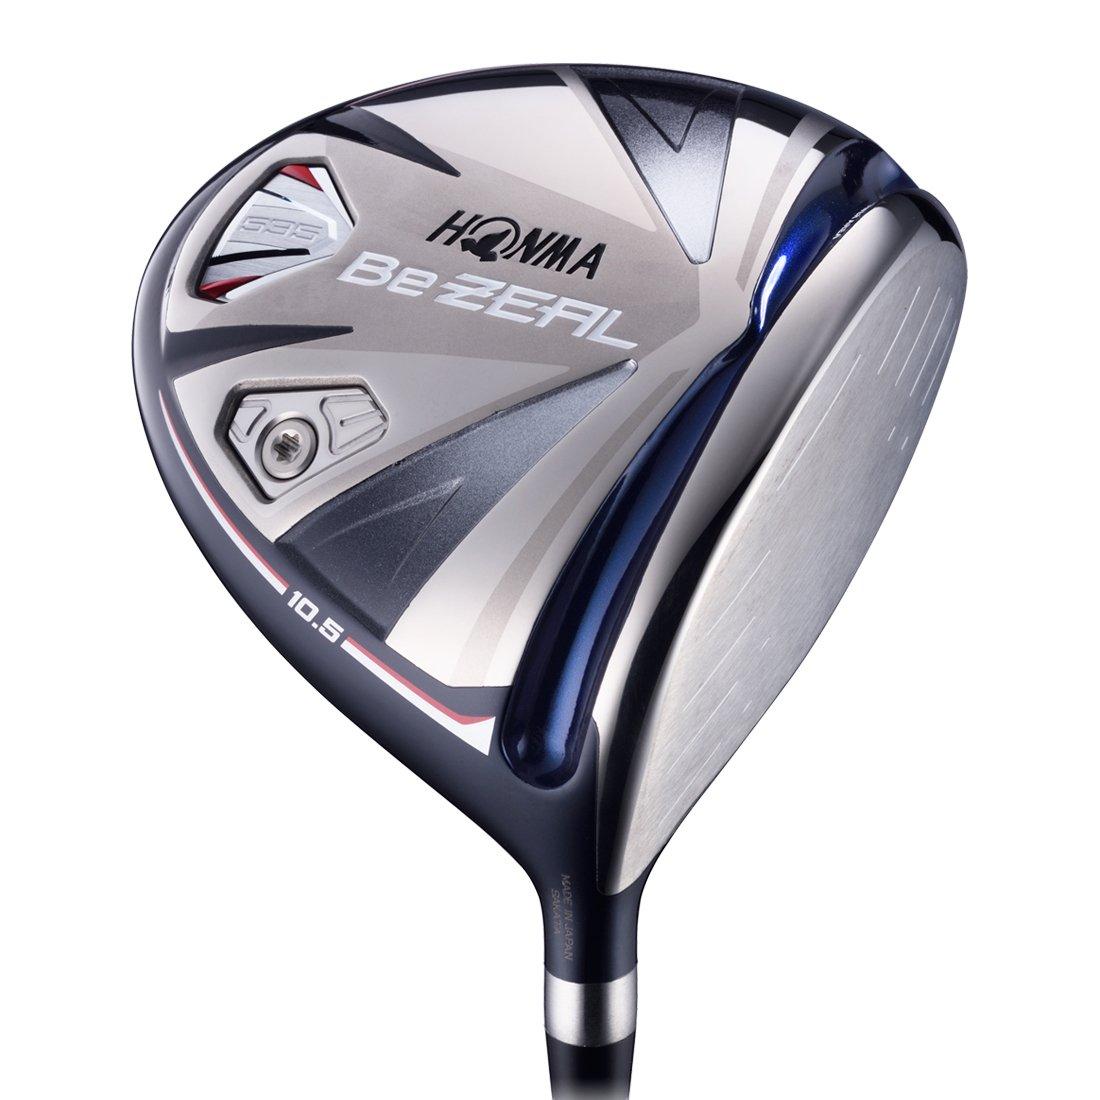 本間ゴルフ ドライバー Be ZEAL ビジール 535 ドライバー VIZARD for Be ZEAL シャフト カーボン メンズ BZ535T105 右 ロフト角:10.5度 番手:1W フレックス:SR B078FHBD56